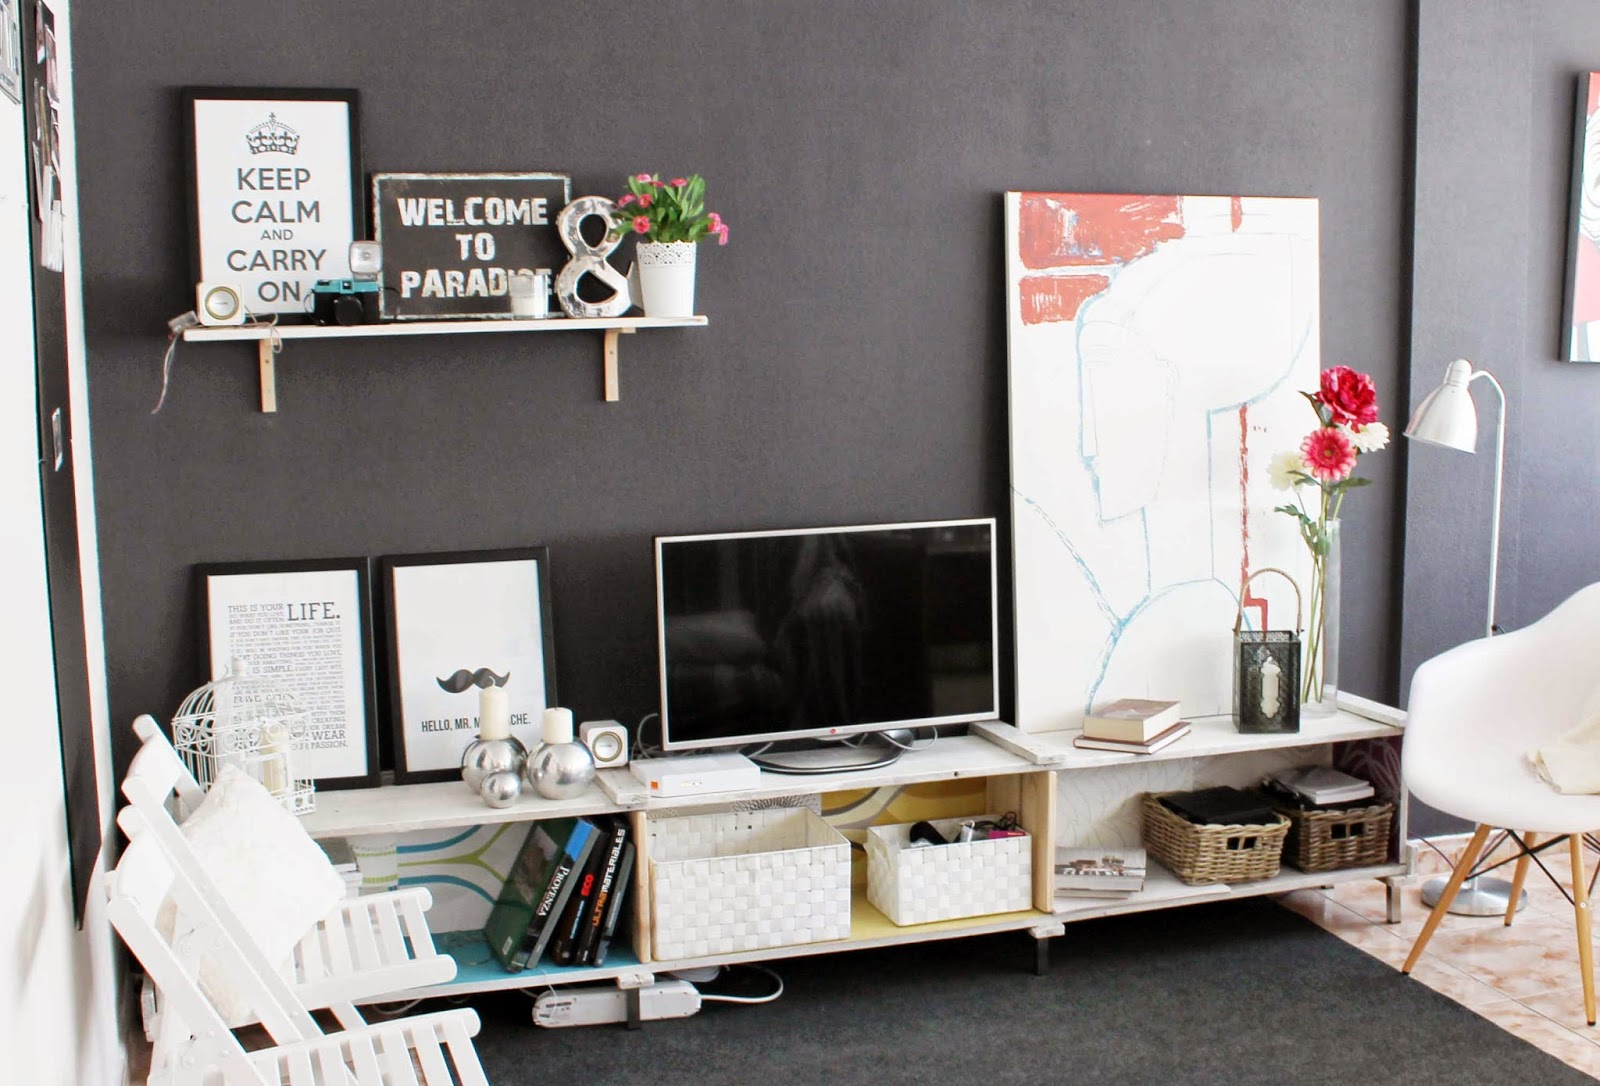 Conceptode ideas diy como hacer tu propio mueble de la tv - Muebles tu mueble ...